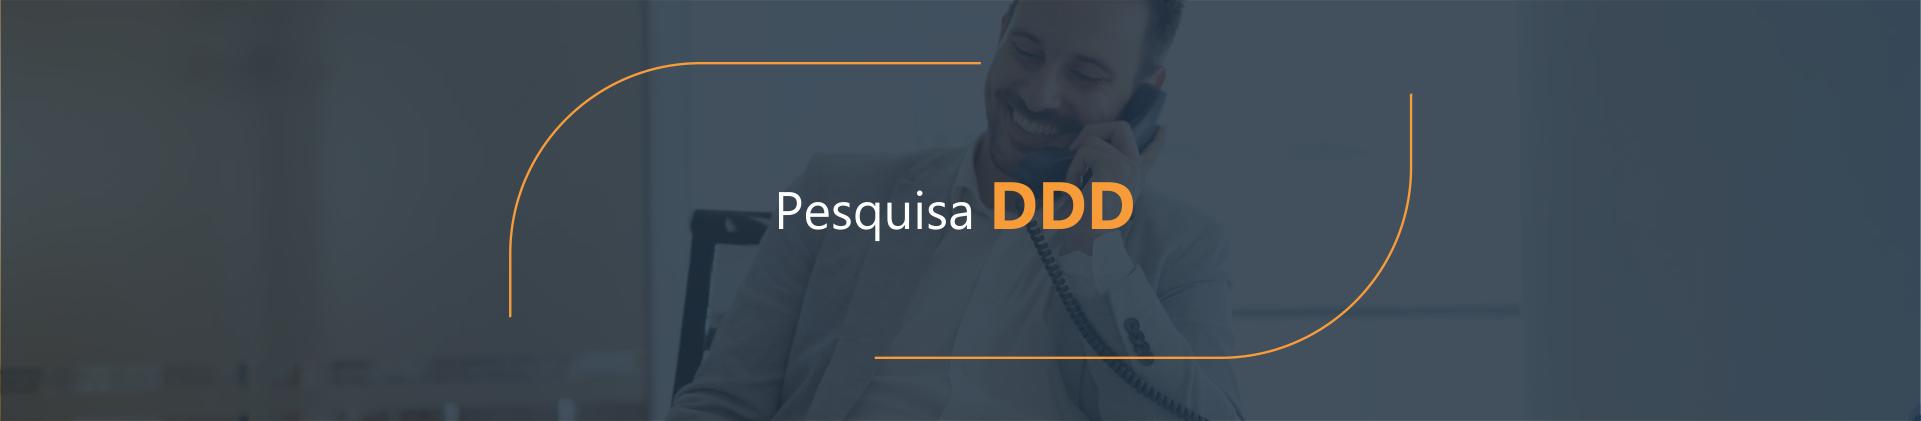 Pesquisa DDD - Disk Fácil Listas Telefônicas